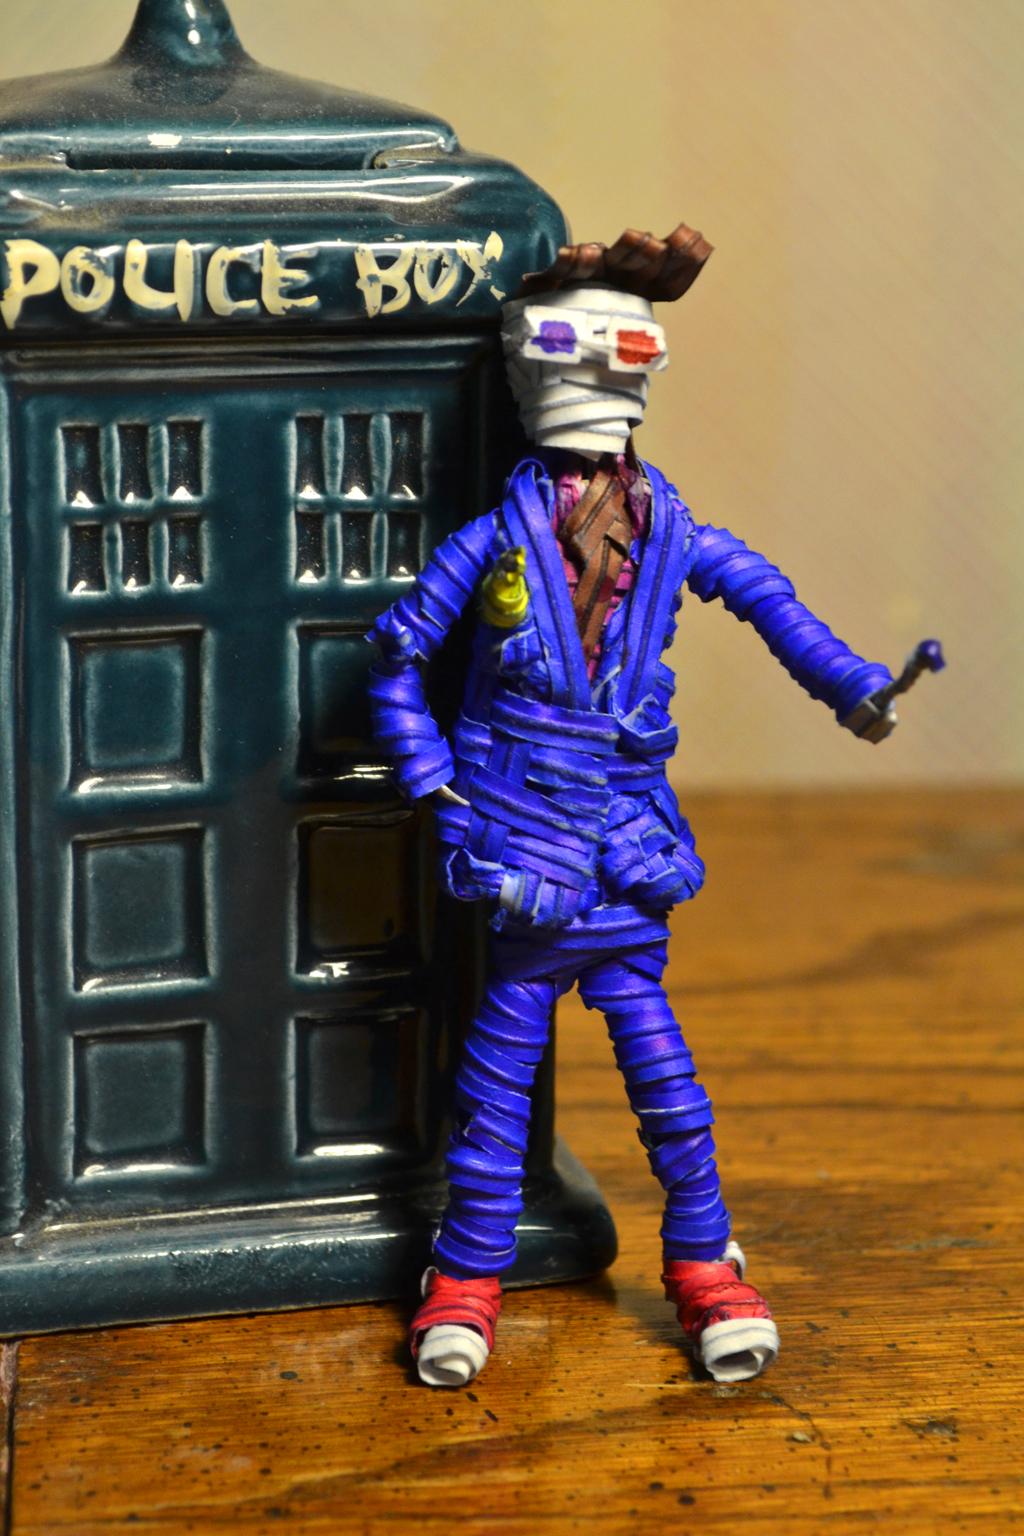 Twist tie Tenth Doctor by justjake54